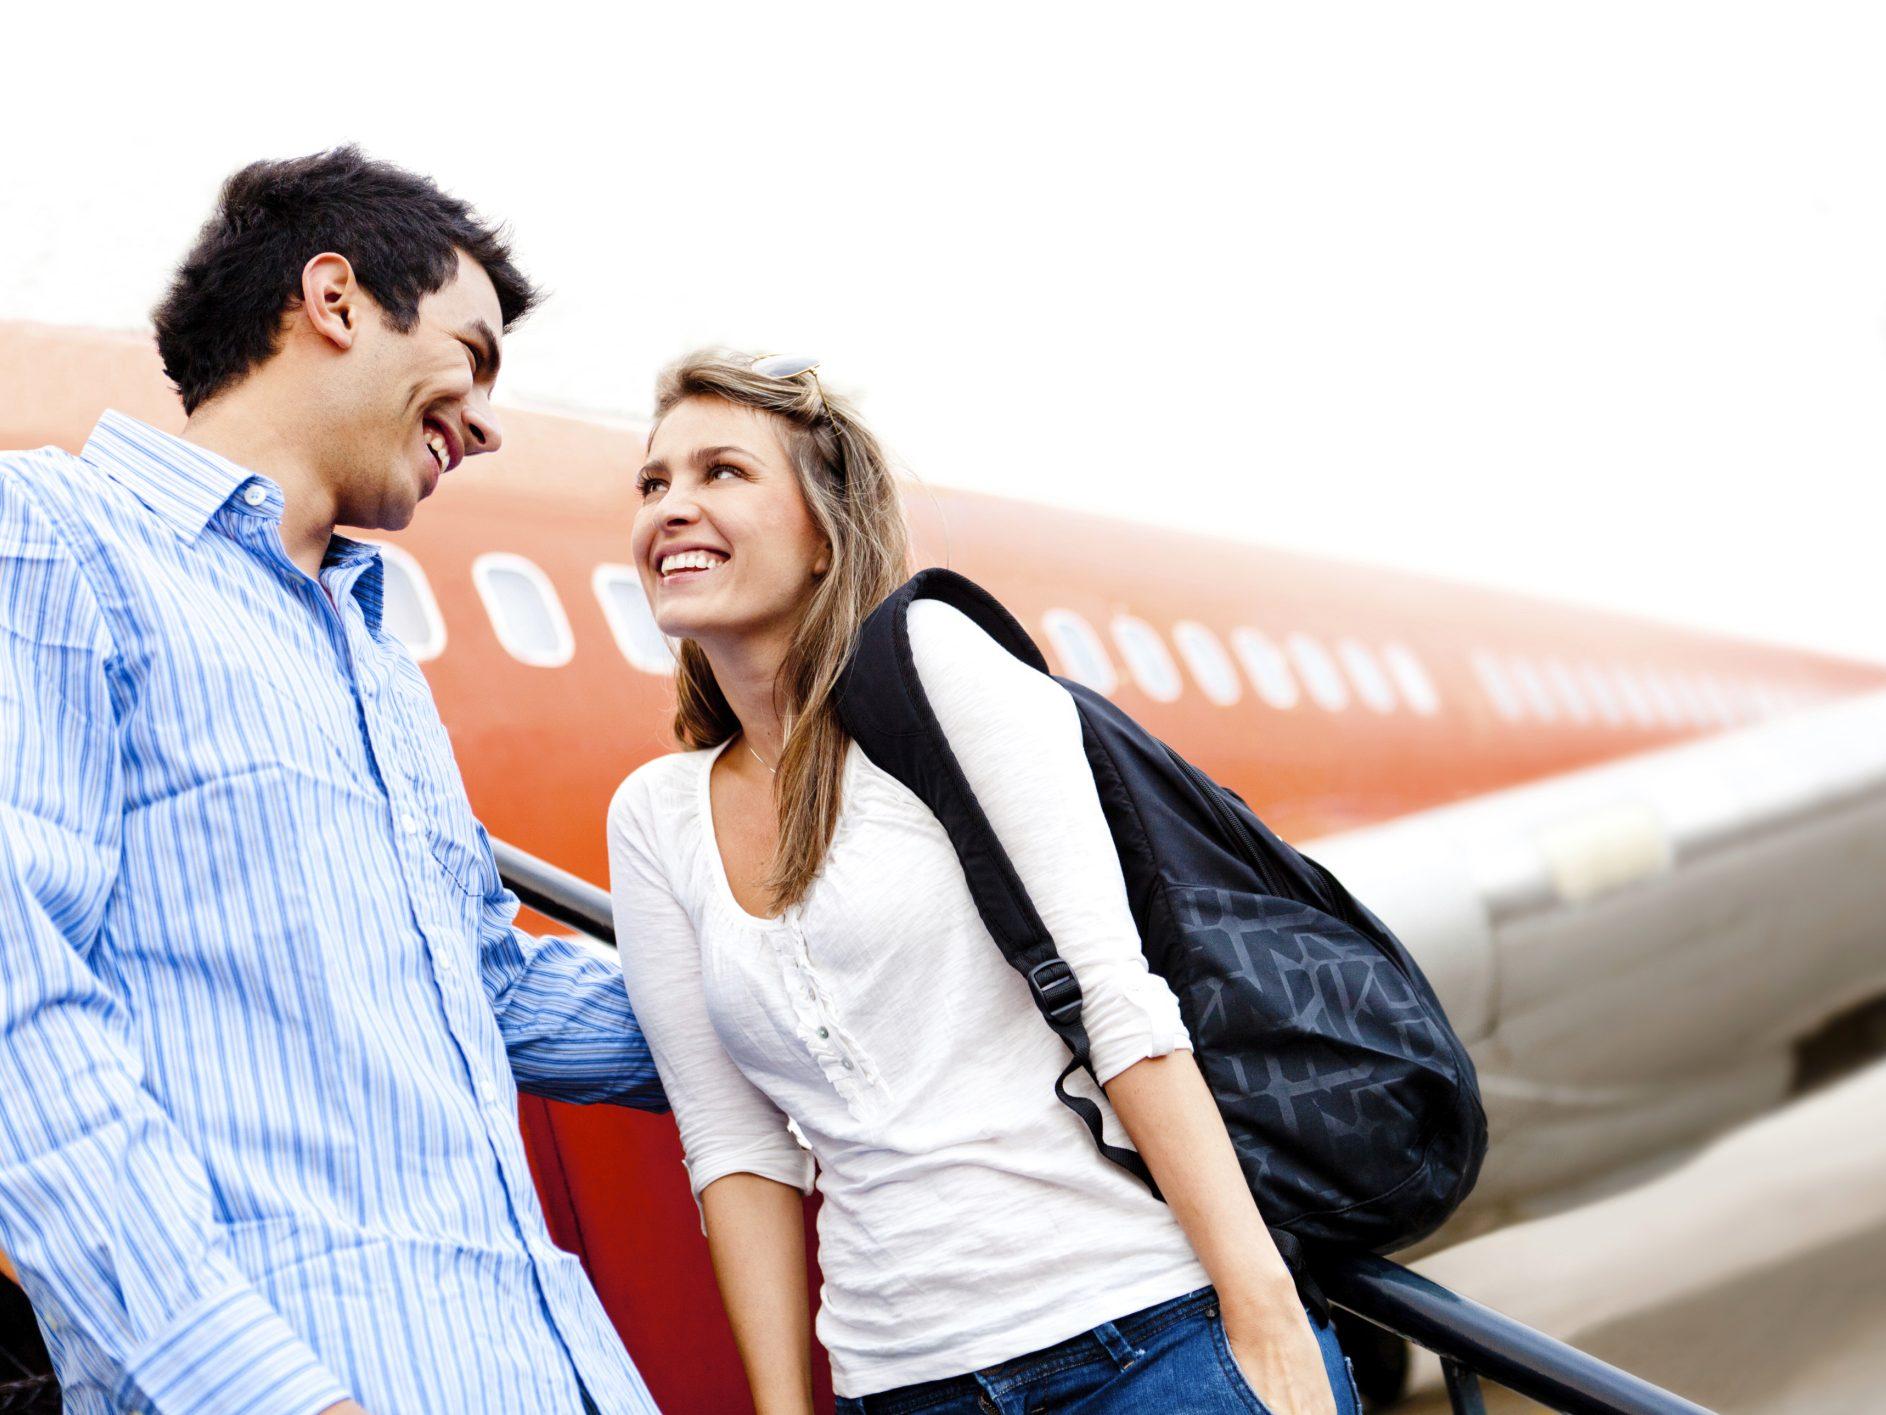 Suivre un cours pour chasser la peur de l'avion